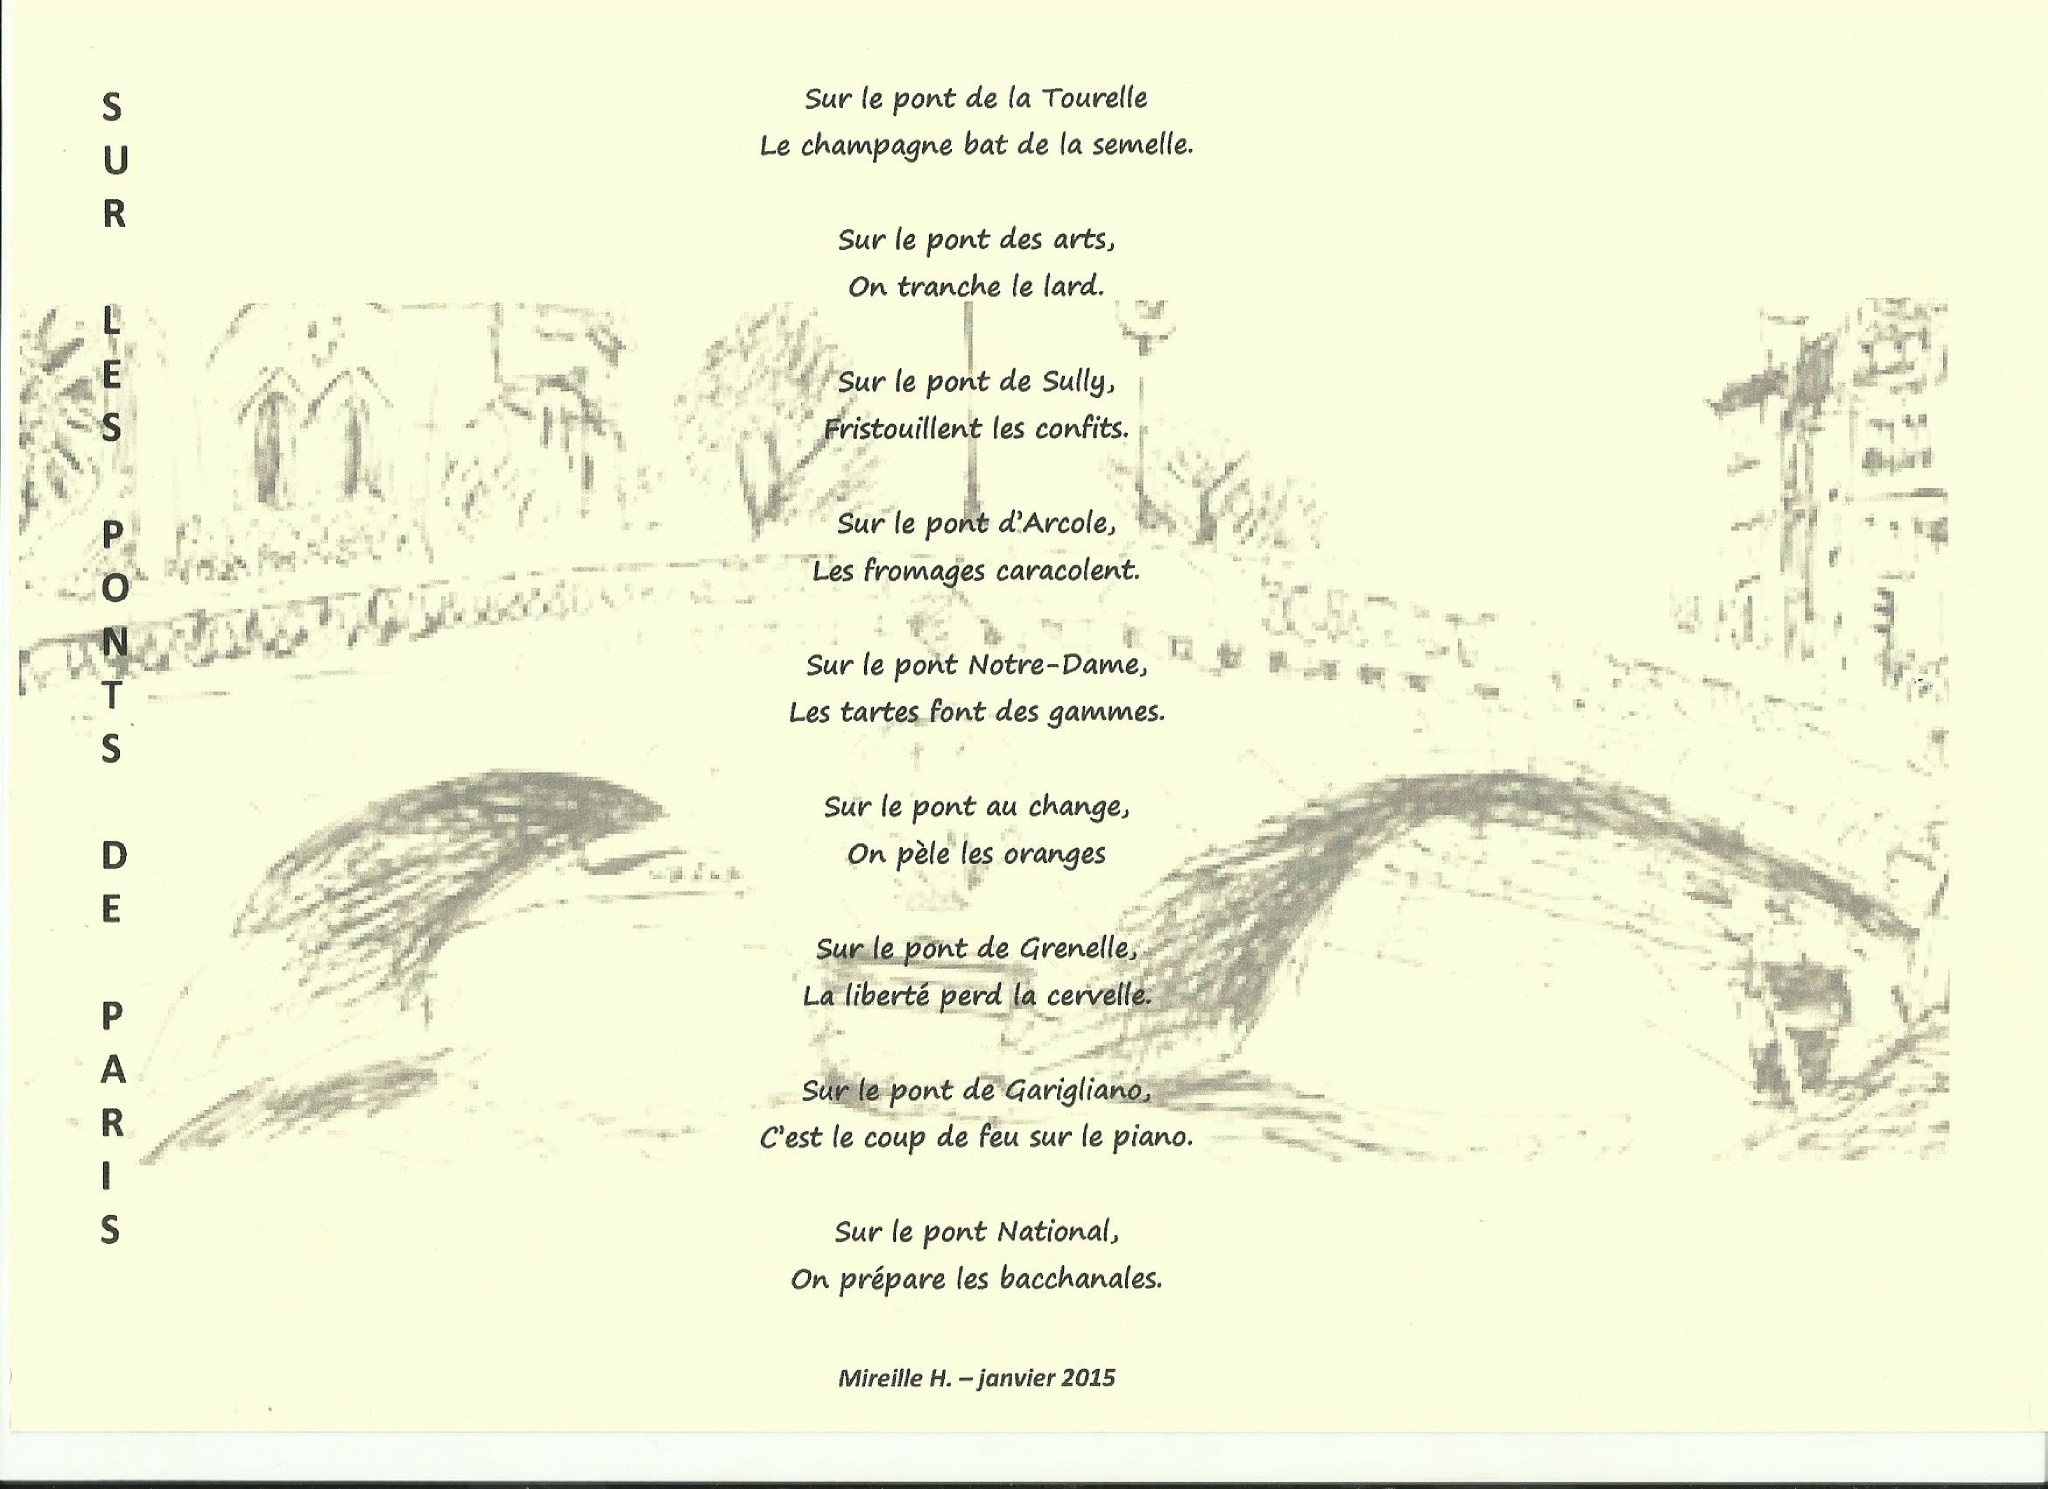 poeme sur notre dame de paris